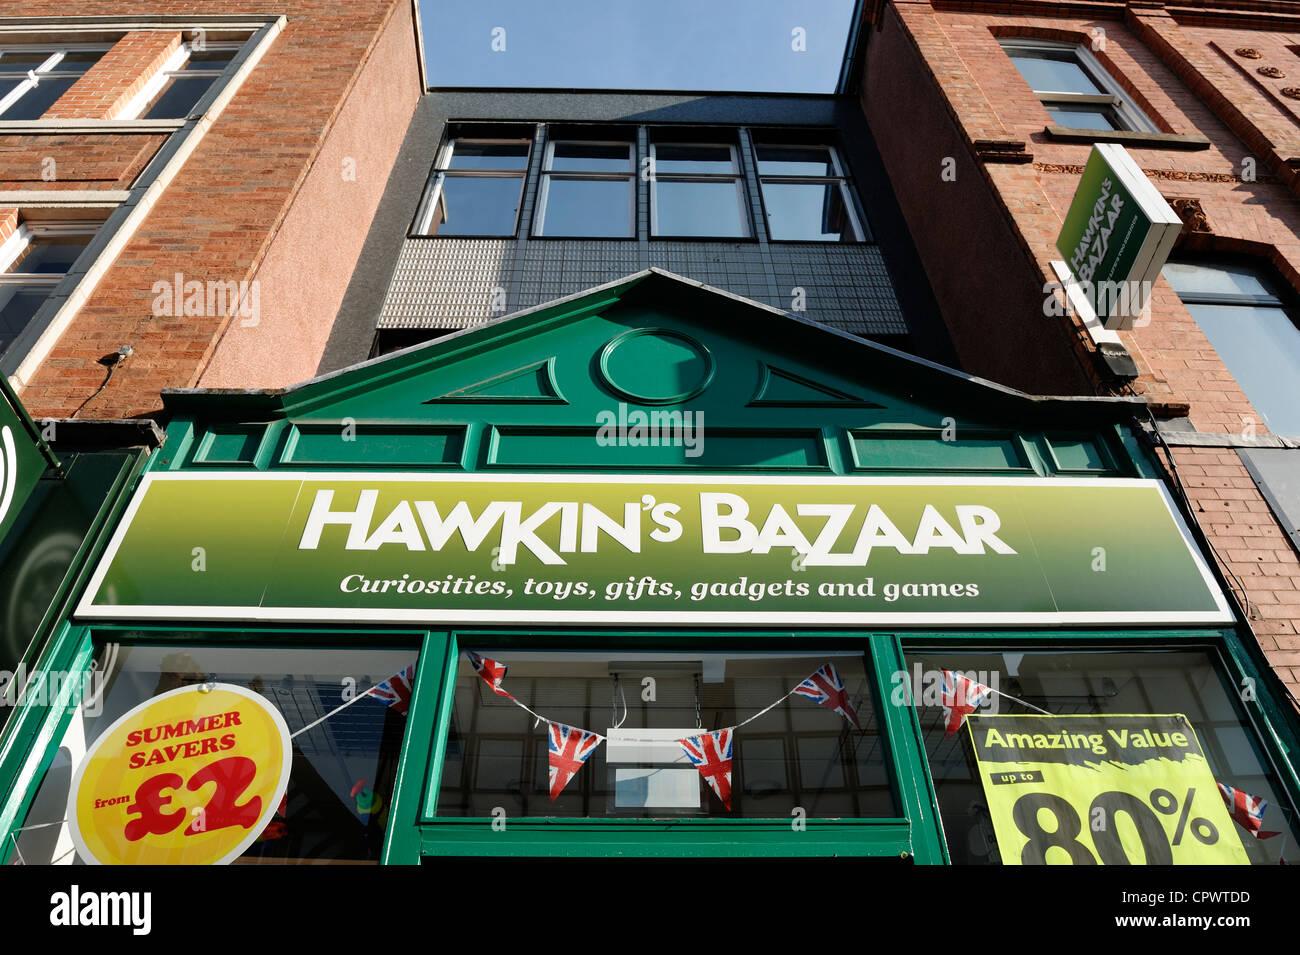 Hawkins Bazaar shop front sign - Stock Image